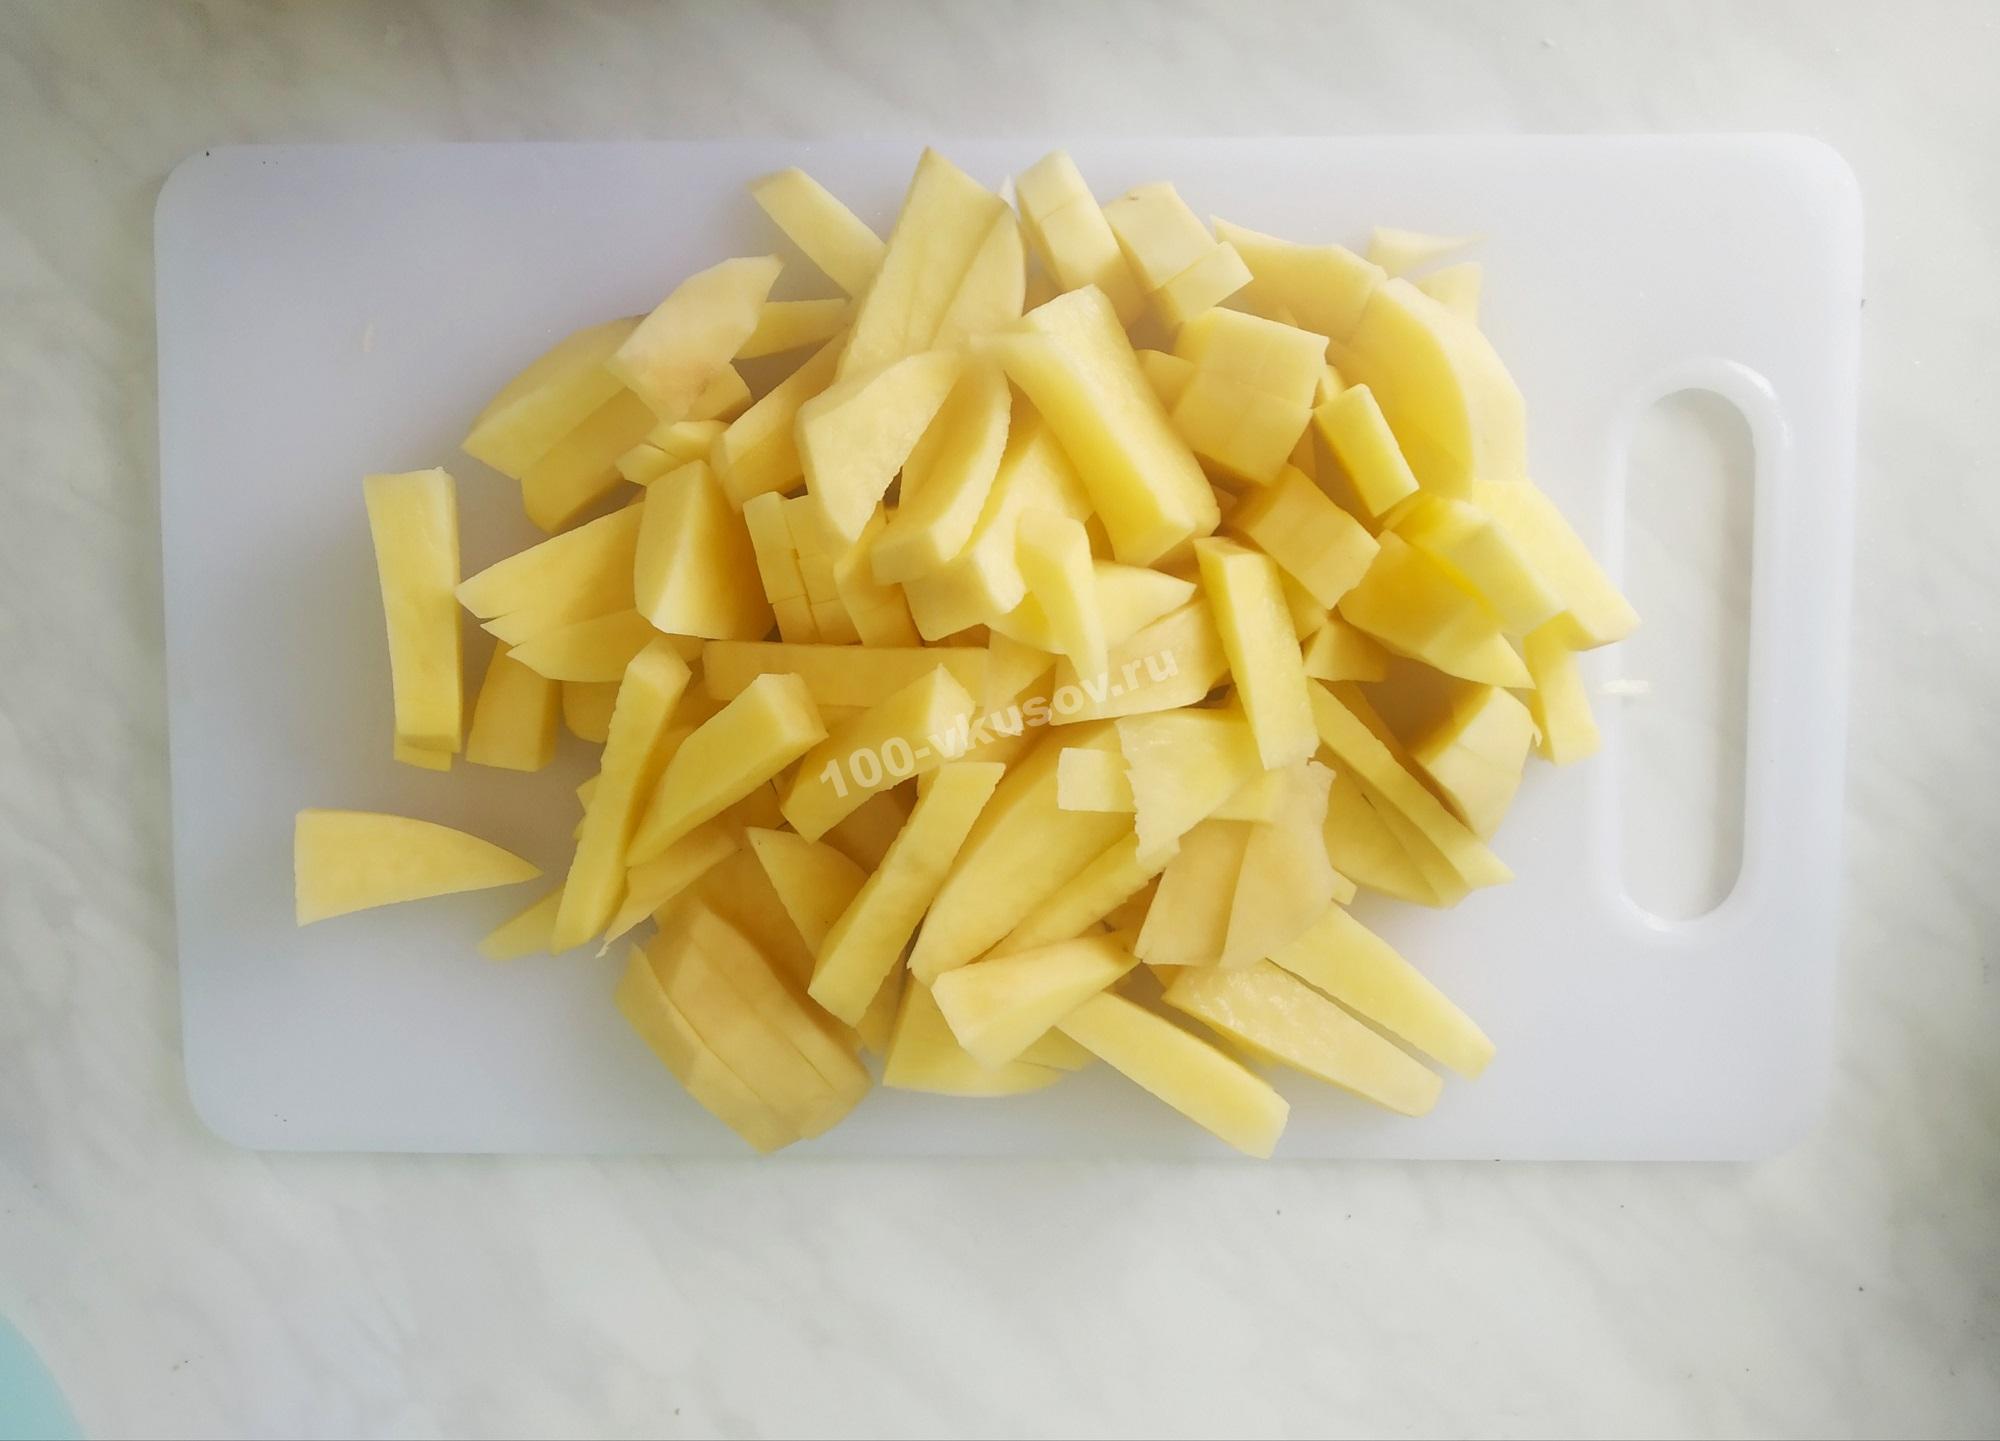 Нарезанный картофель для жарки